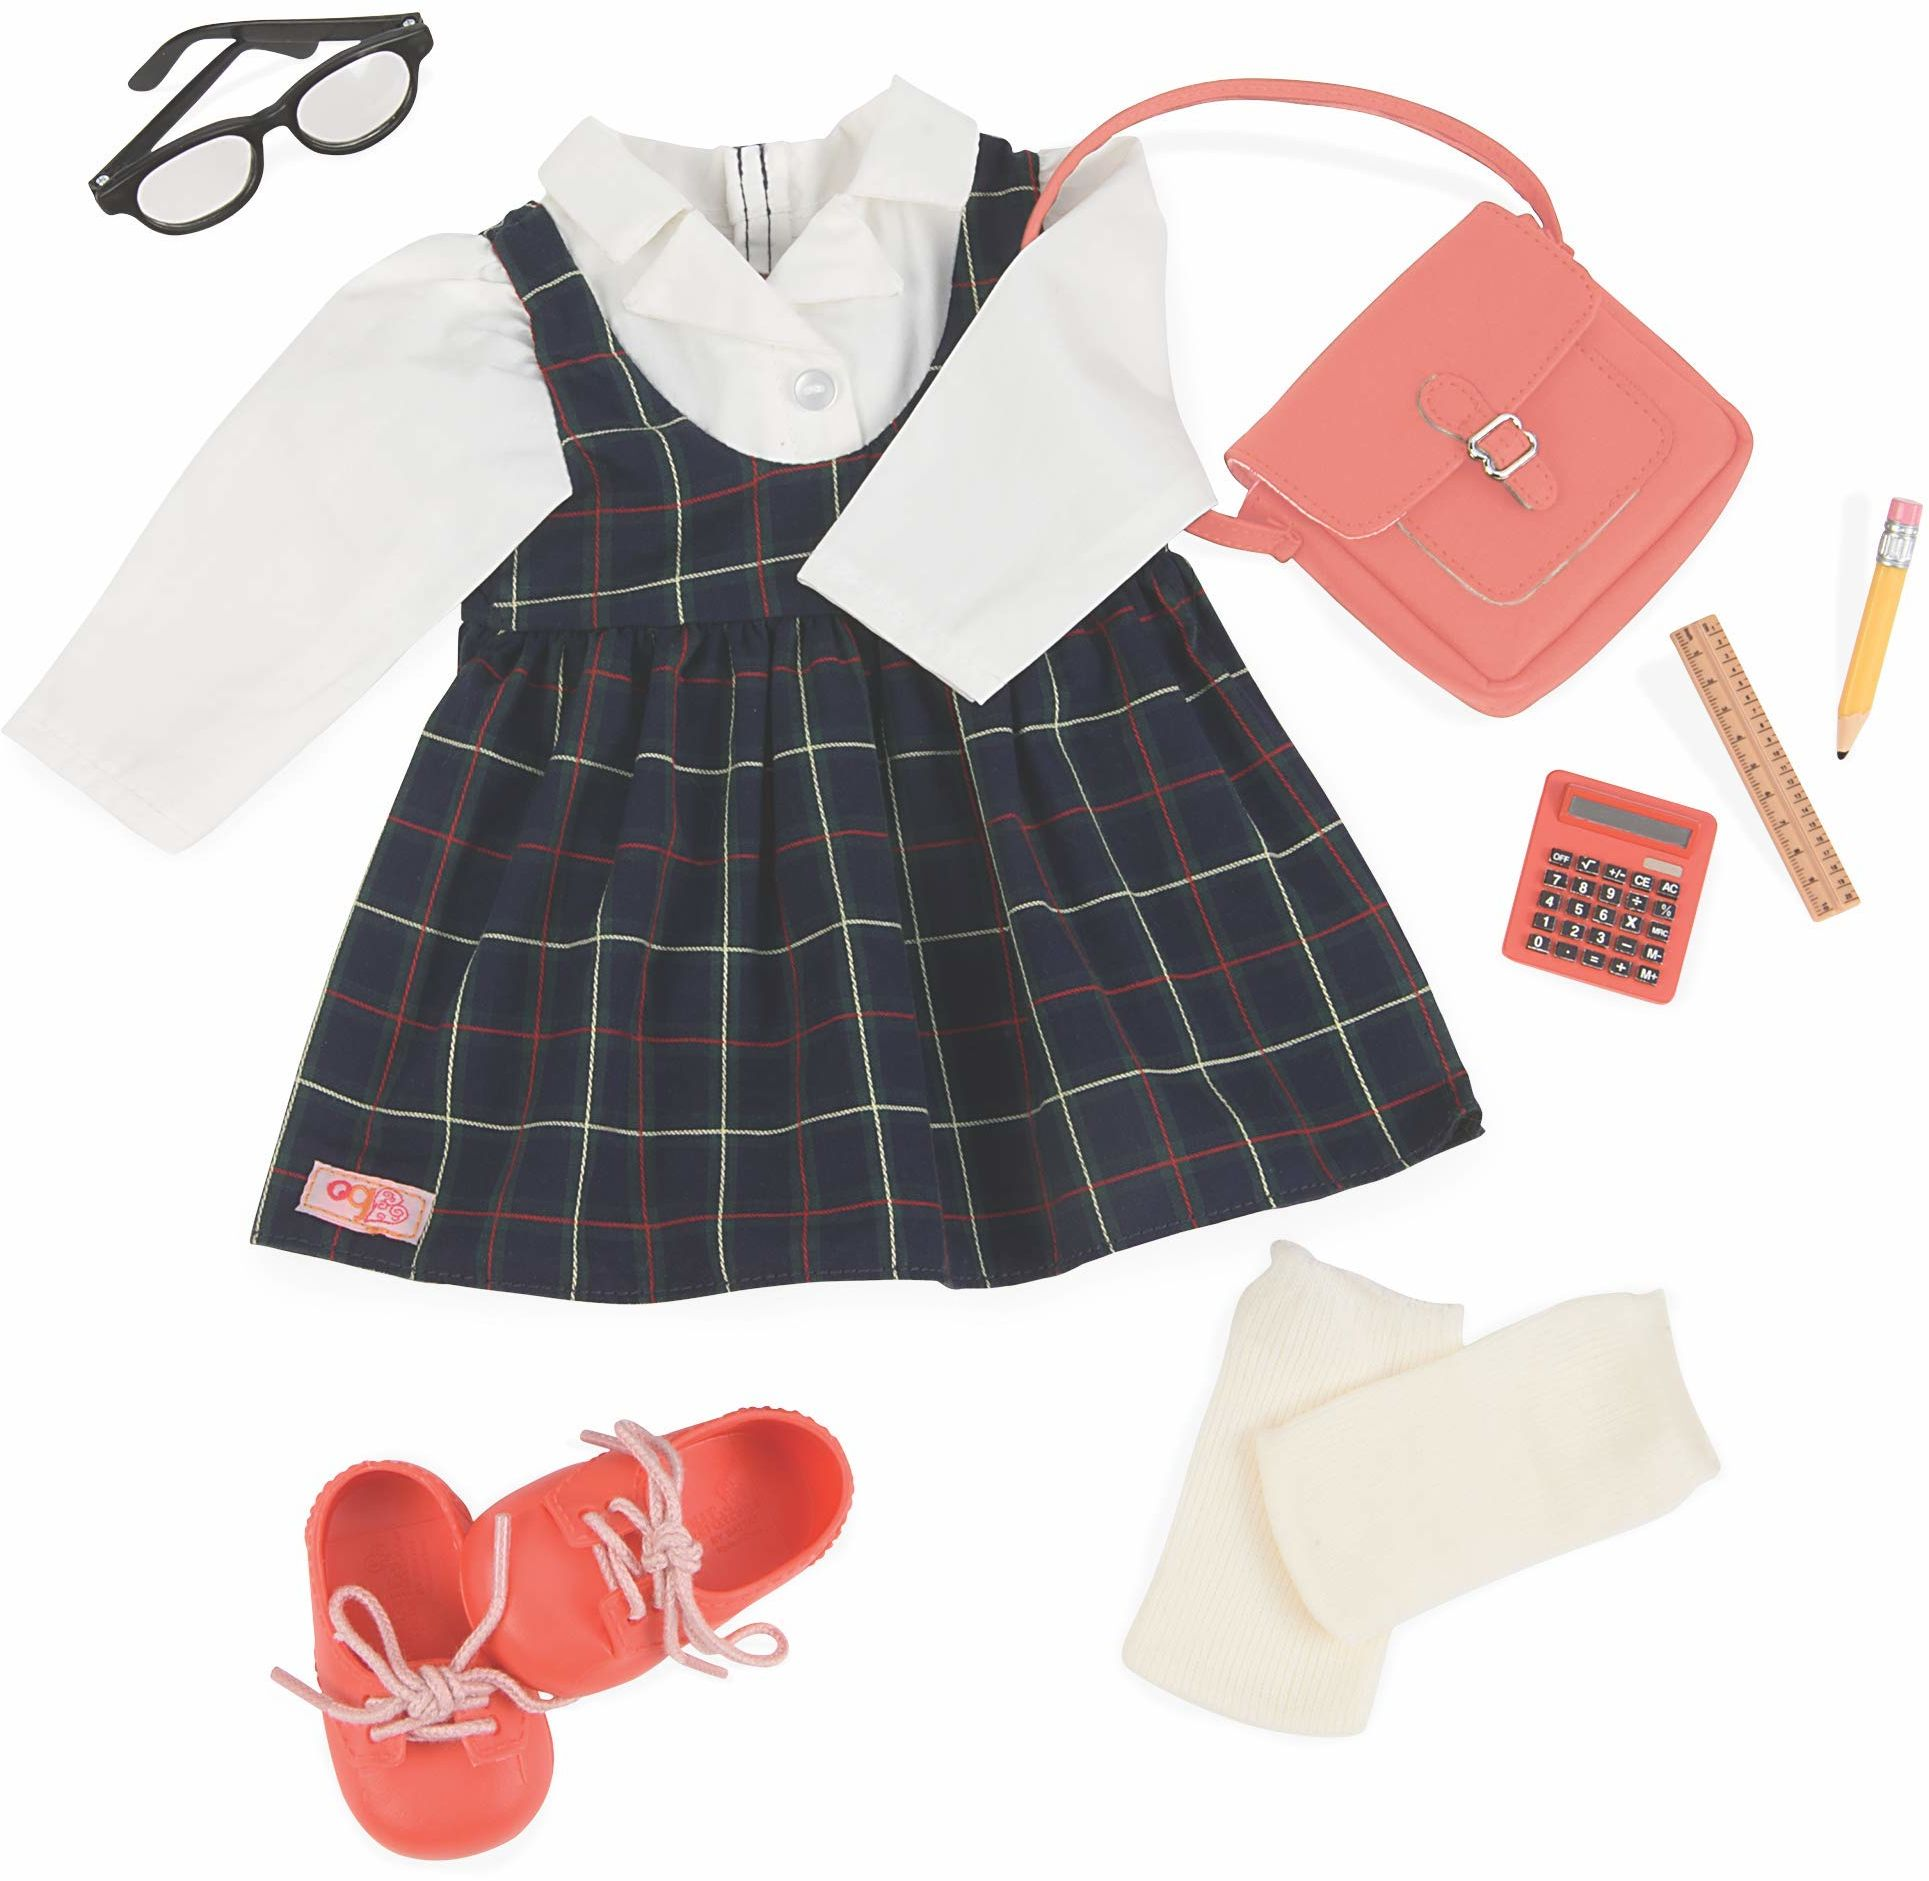 Our Generation BD30266Z strój dla lalek, wielokolorowy